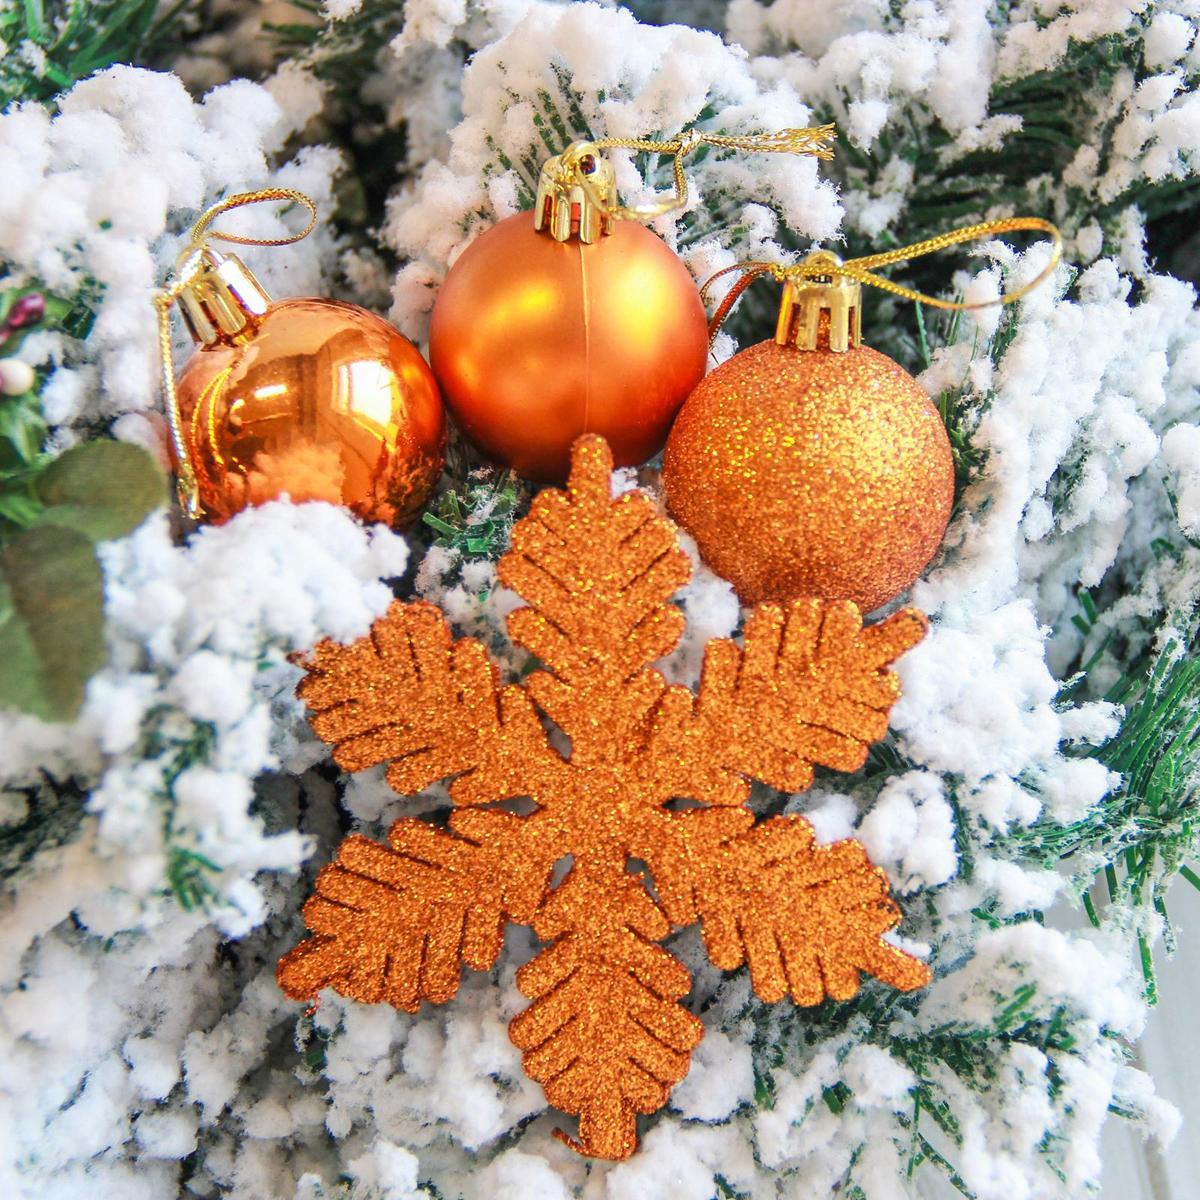 Набор новогодних подвесных украшений Sima-land Снежинка, 24 шт. 21229002122900Невозможно представить нашу жизнь без праздников! Мы всегда ждём их и предвкушаем, обдумываем, как проведём памятный день, тщательно выбираем подарки и аксессуары, ведь именно они создают и поддерживают торжественный настрой.